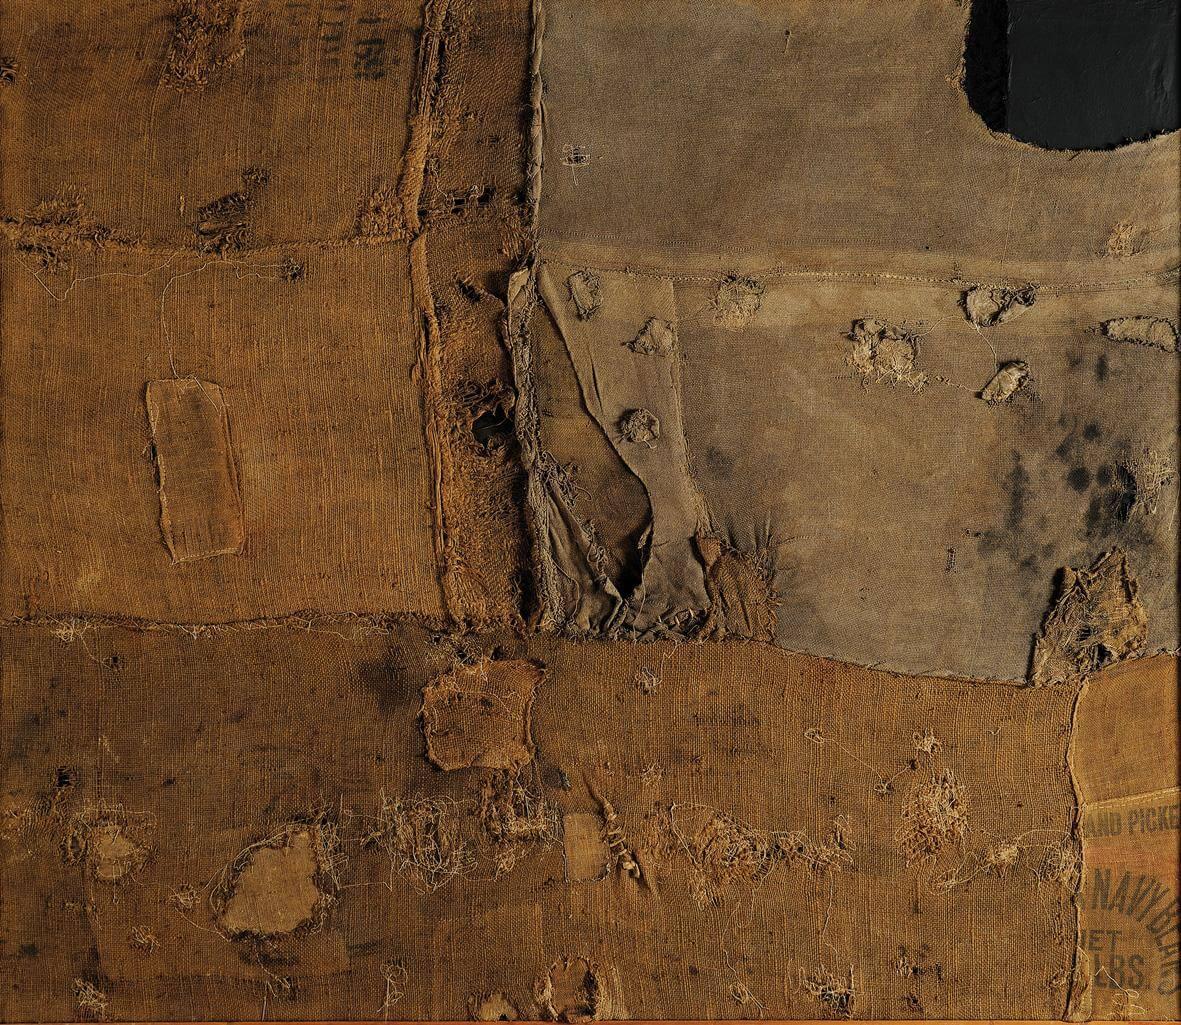 Alberto Burri. Rosso plastica M 2, 1962 (dettaglio). Plastica bruciata su tela, cm. 120 x 180. Collezione privata © 2014 Artisti Rights Society (ARS), New York / SIAE, Roma